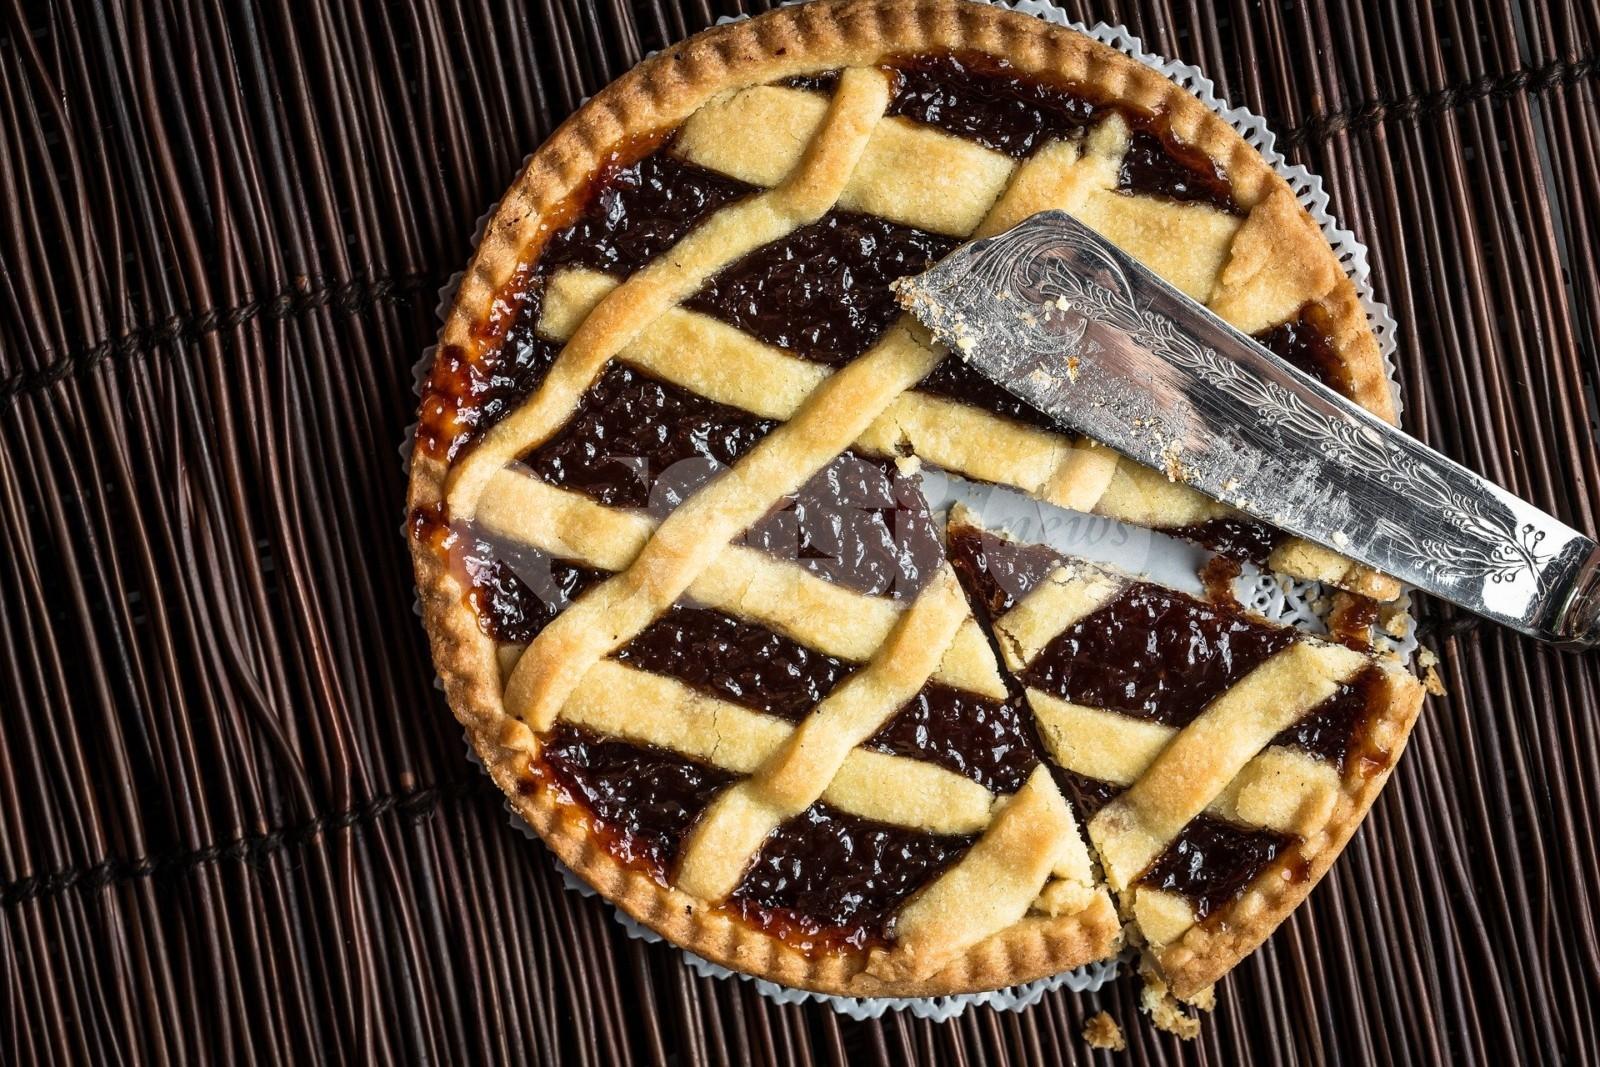 Crostata alla marmellata di ciliegie: la ricetta della nonna (umbra) e preparazione